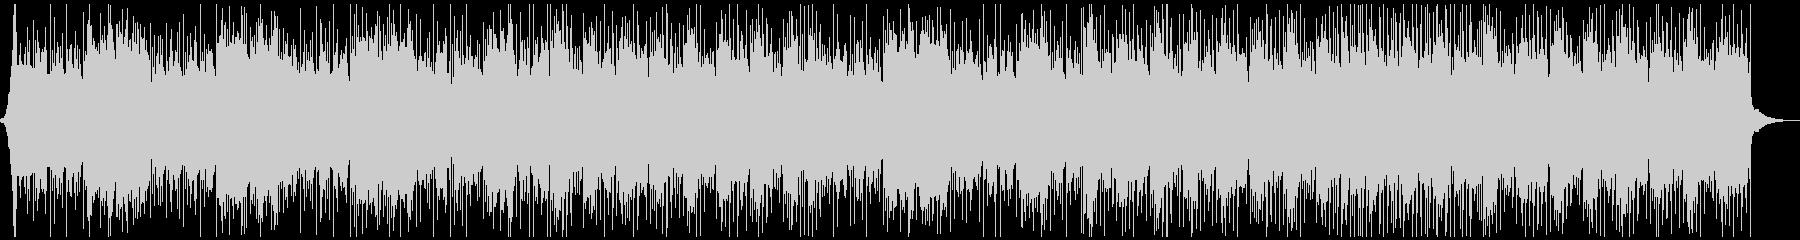 アコースティックセンチメンタル#26−5の未再生の波形